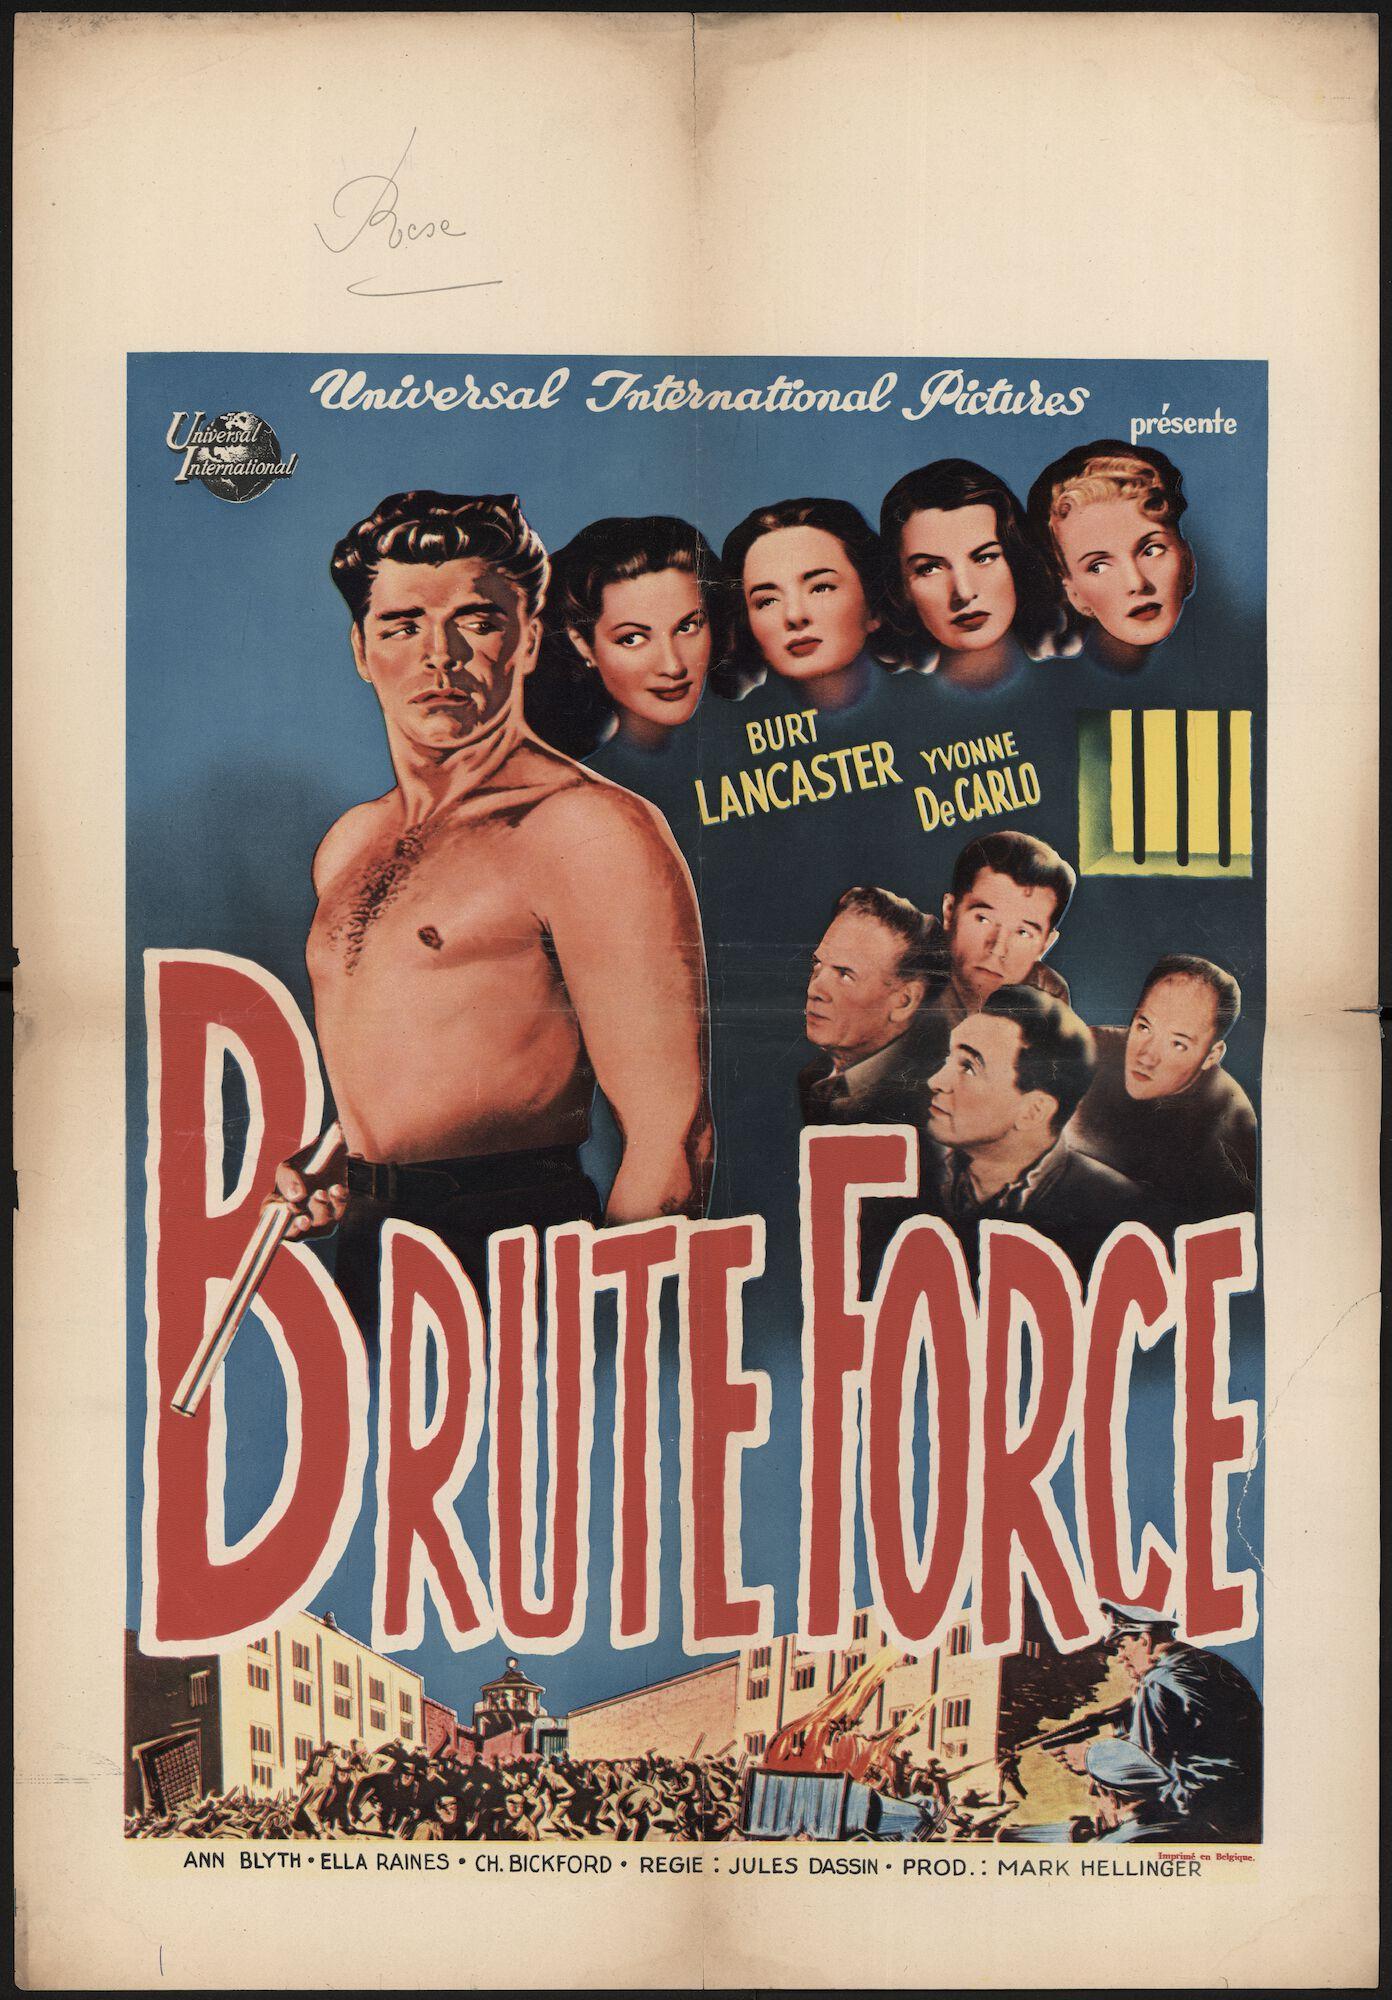 Brute Force, Rex, Gent, mei 1948